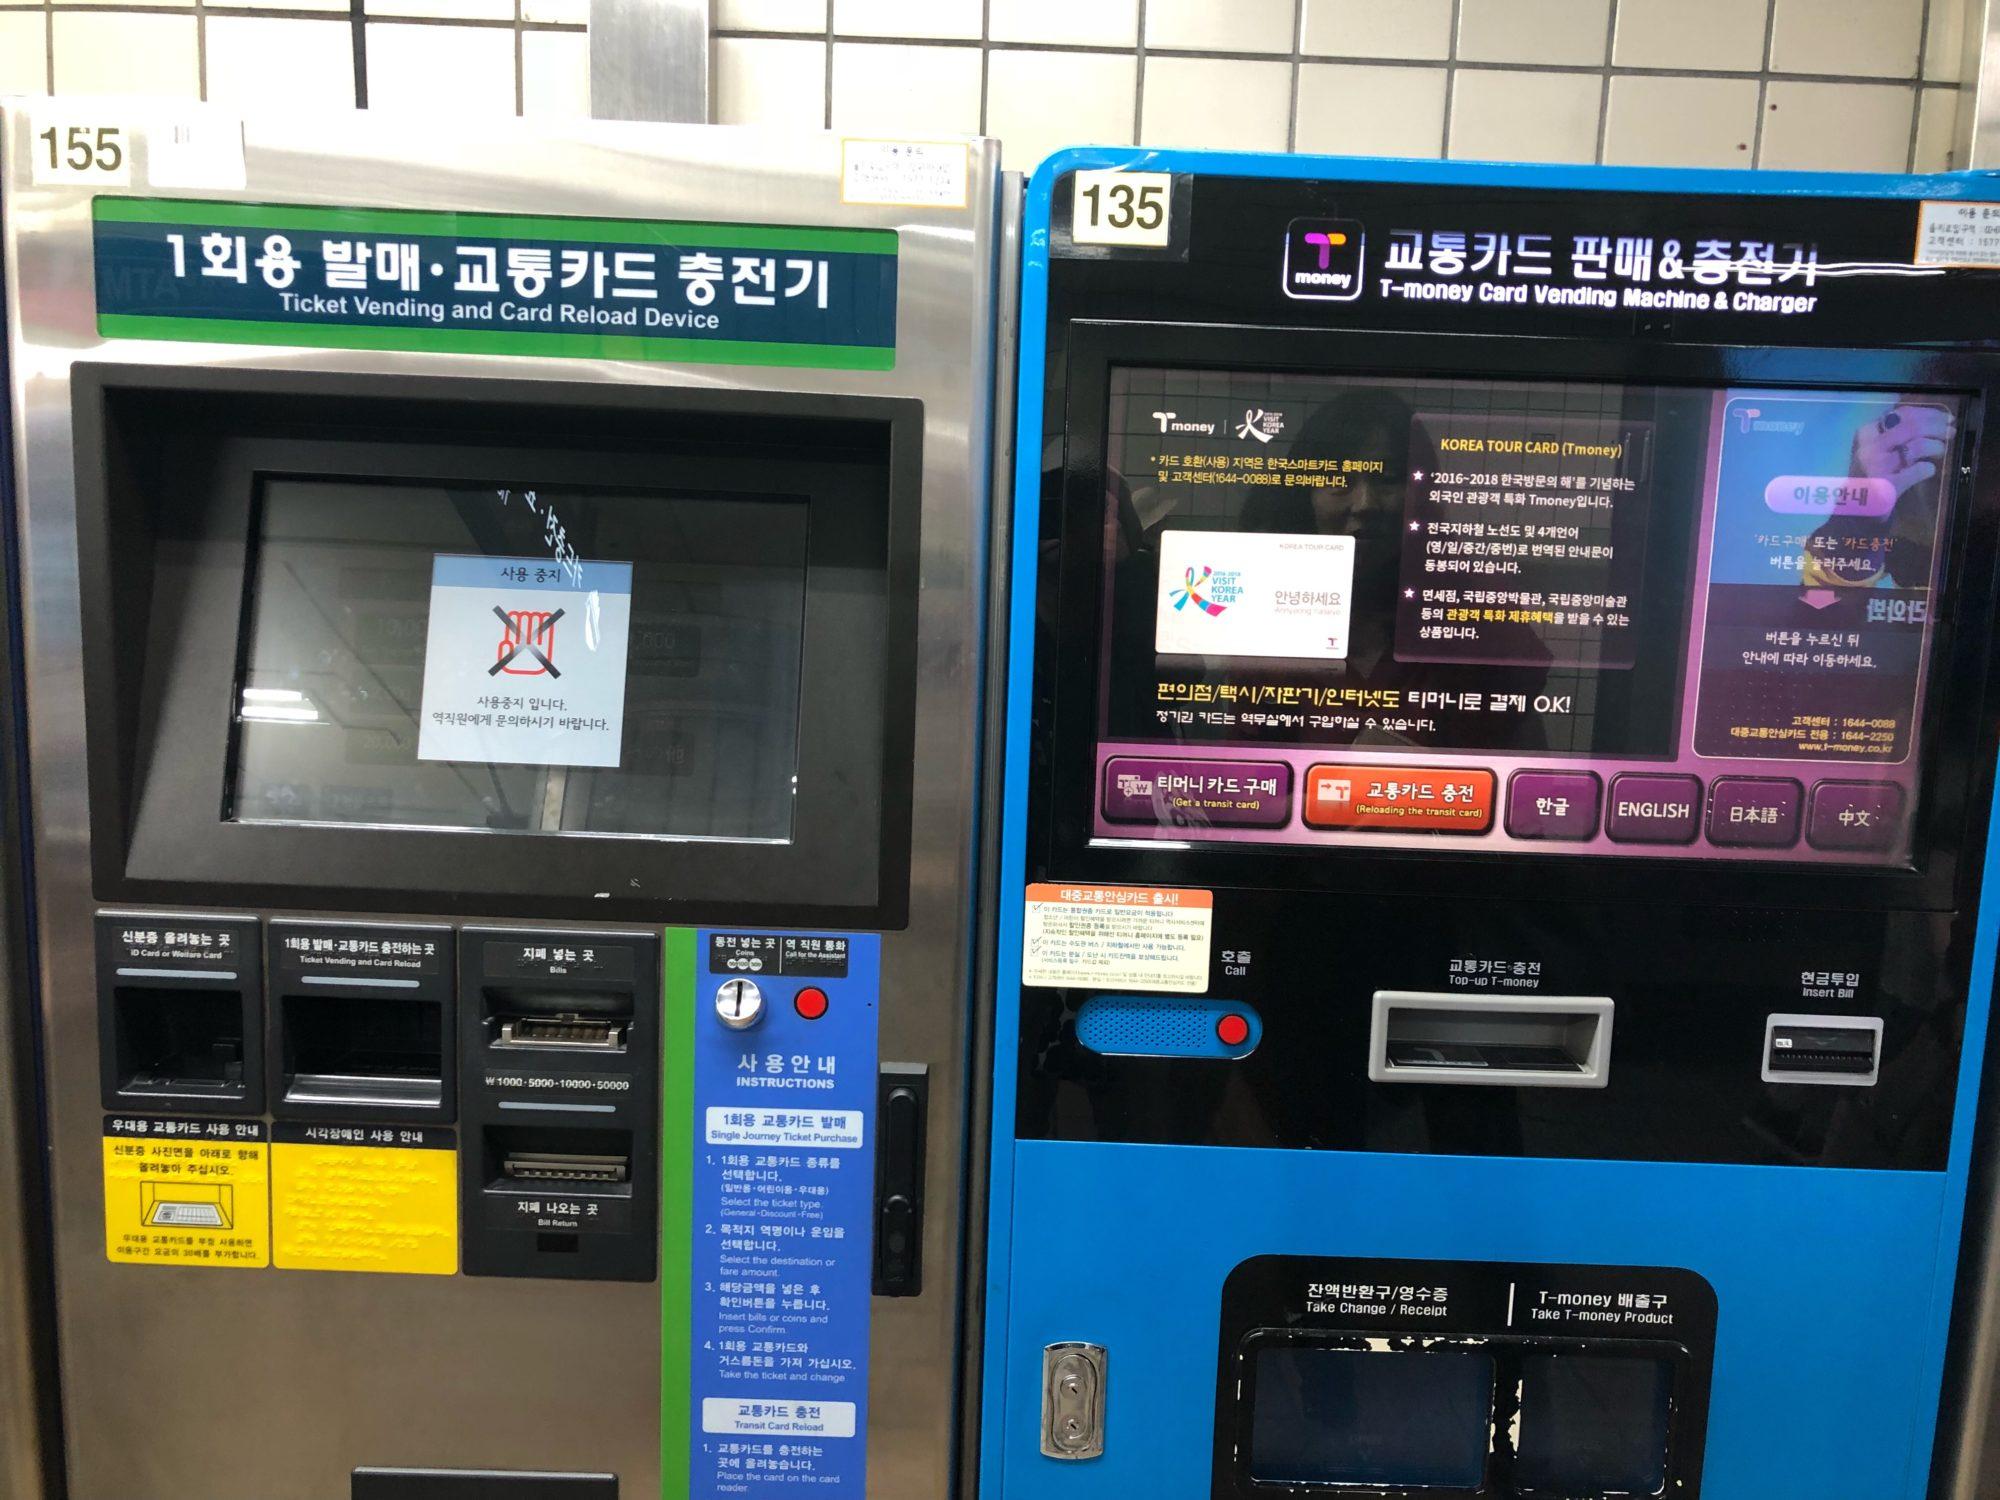 韓国ソウル旅行で地下鉄に乗る〜T-moneyカードを購入、チャージ金額を考える〜